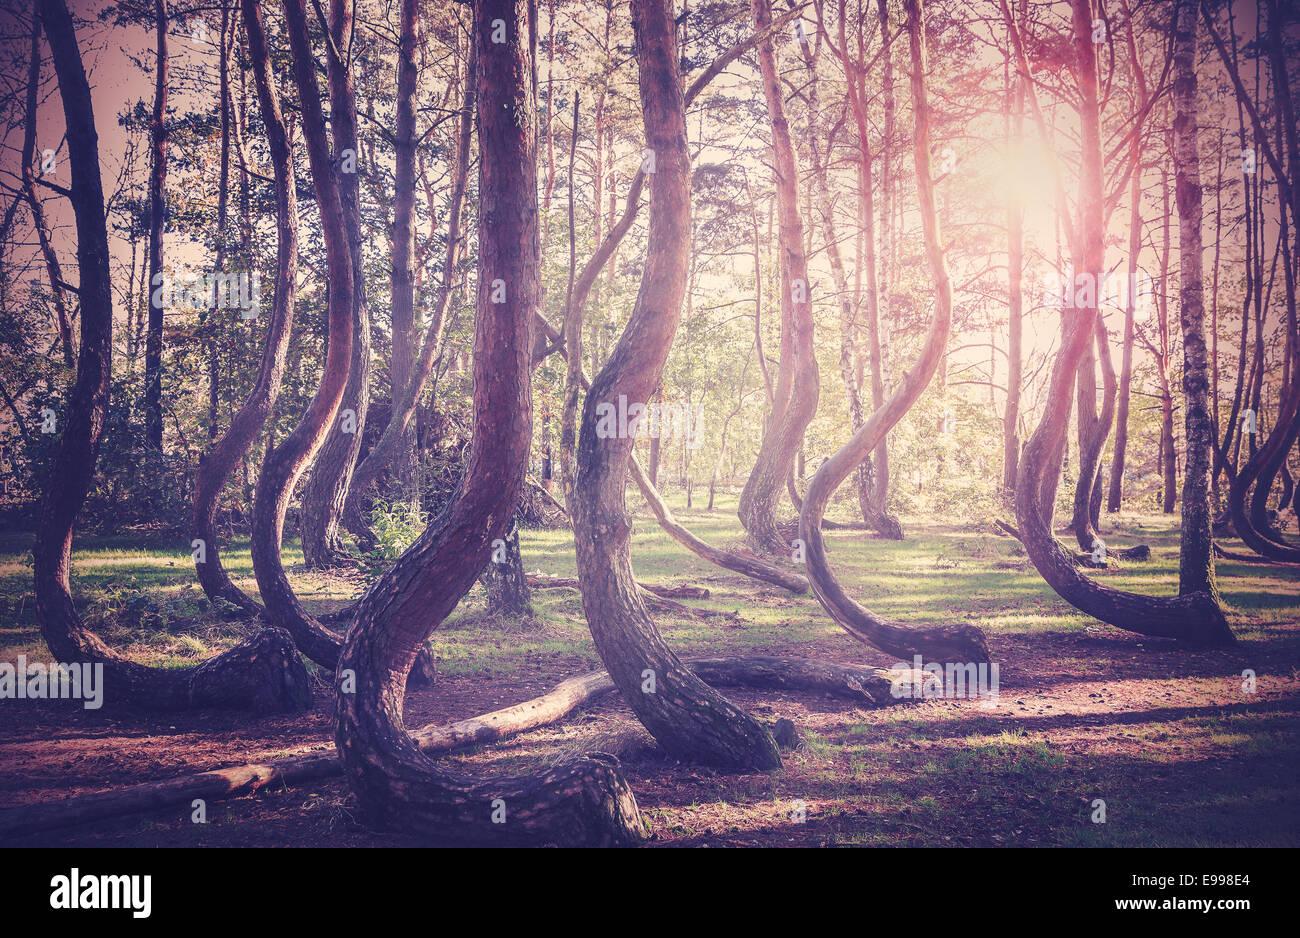 Vintage gefilterte Bild des Sonnenuntergangs am geheimnisvollen Wald. Stockbild